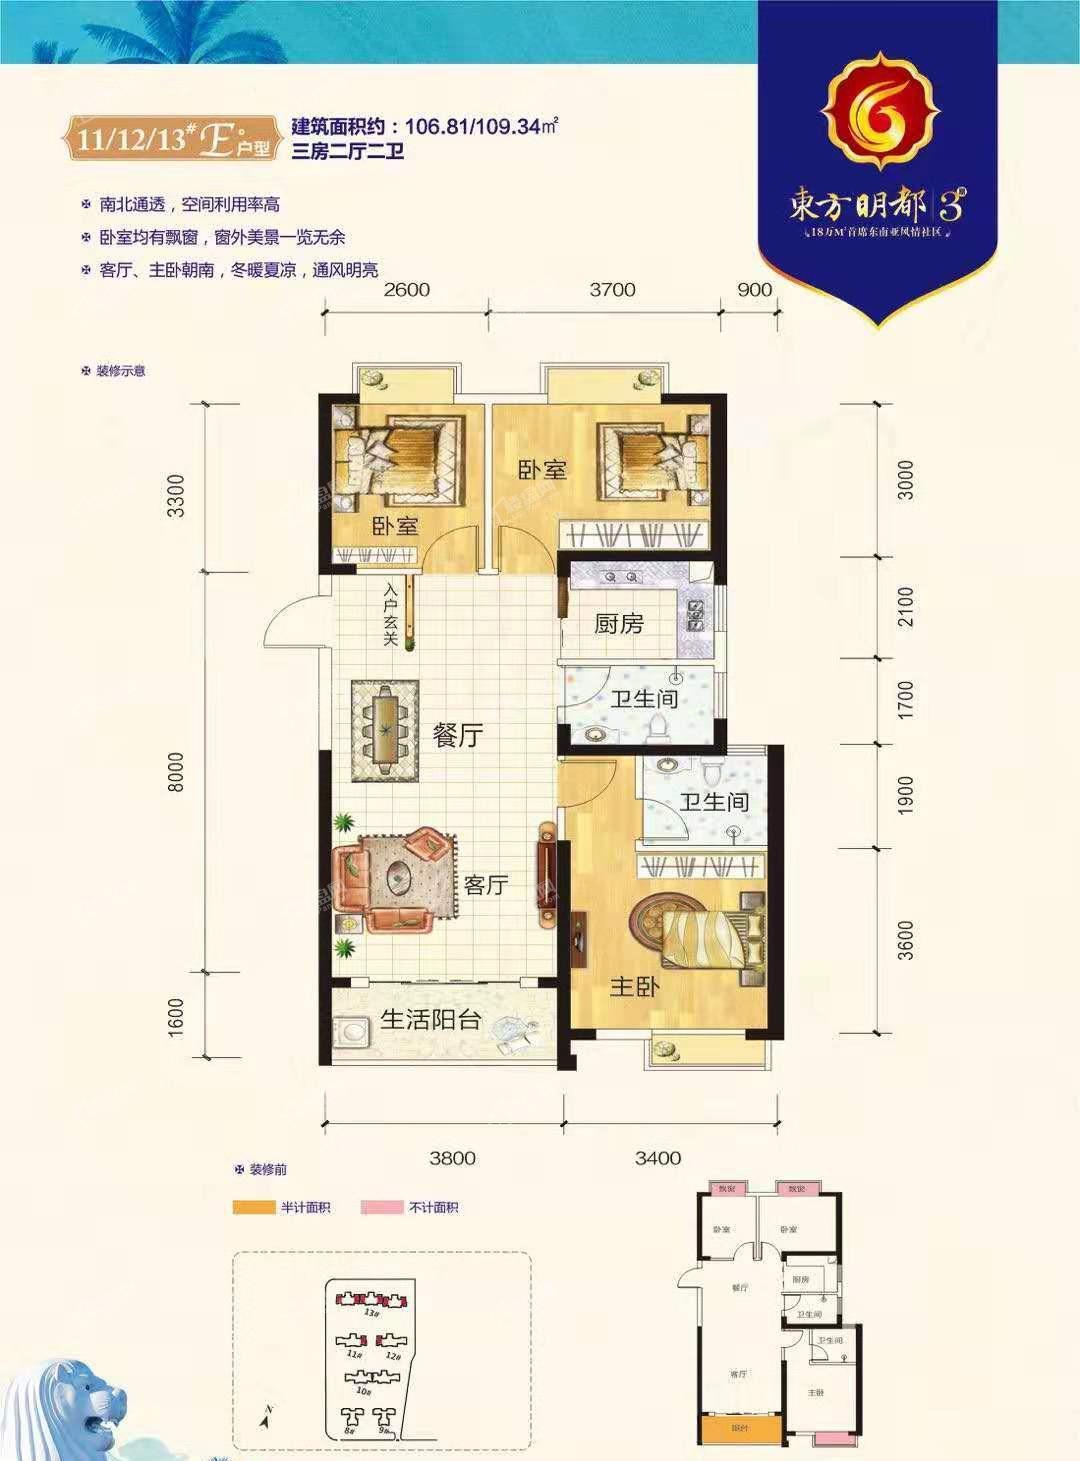 11/12/13#E户型建面约106-109㎡三房两厅